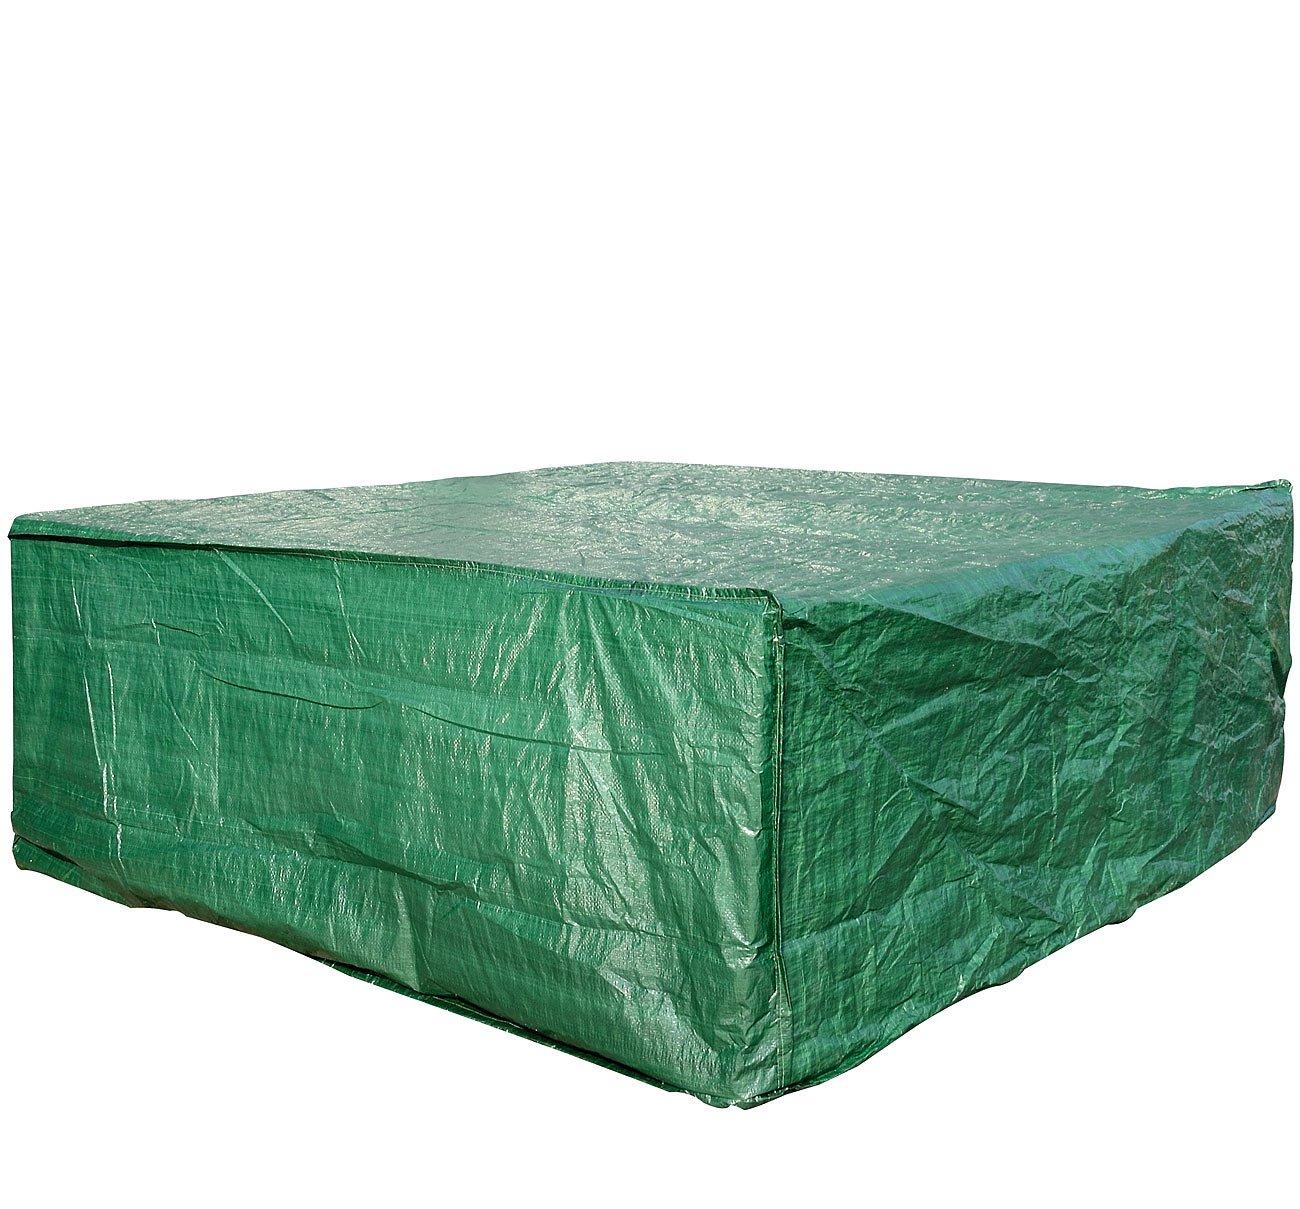 Amazon.de: Royal Gardeneer Gartenmöbel Abdeckung Für Die Komplette  Garnitur, XL